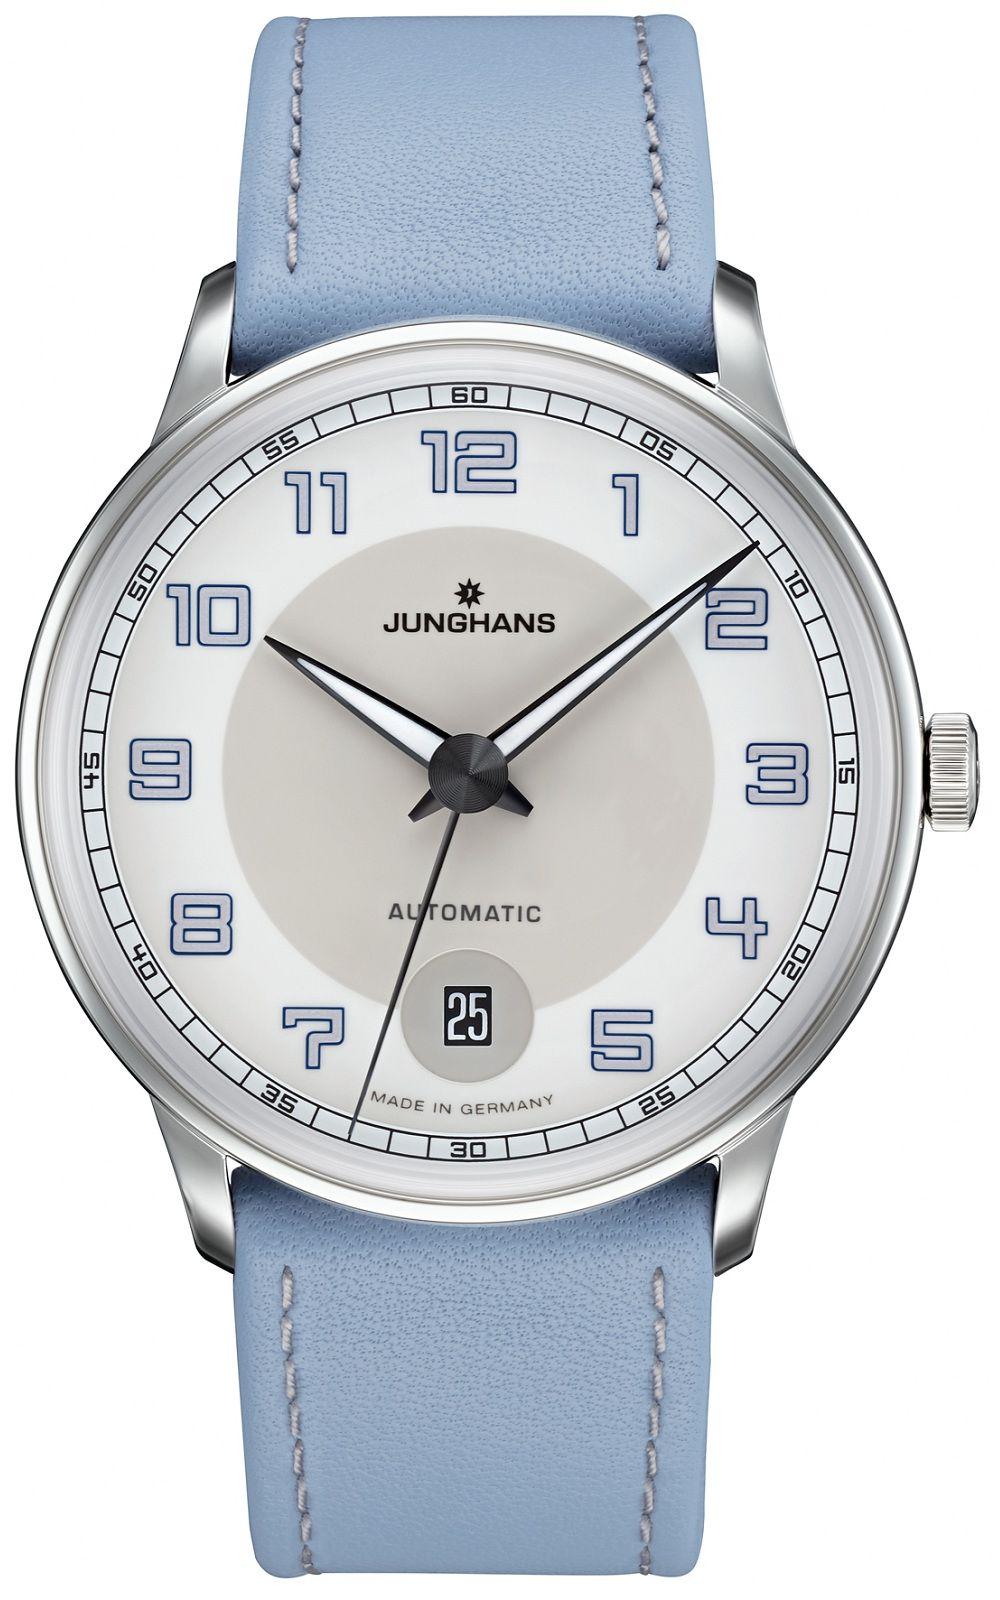 Junghans 027/4718.00 > Wysyłka tego samego dnia Grawer 0zł Darmowa dostawa Kurierem/Inpost Darmowy zwrot przez 100 DNI